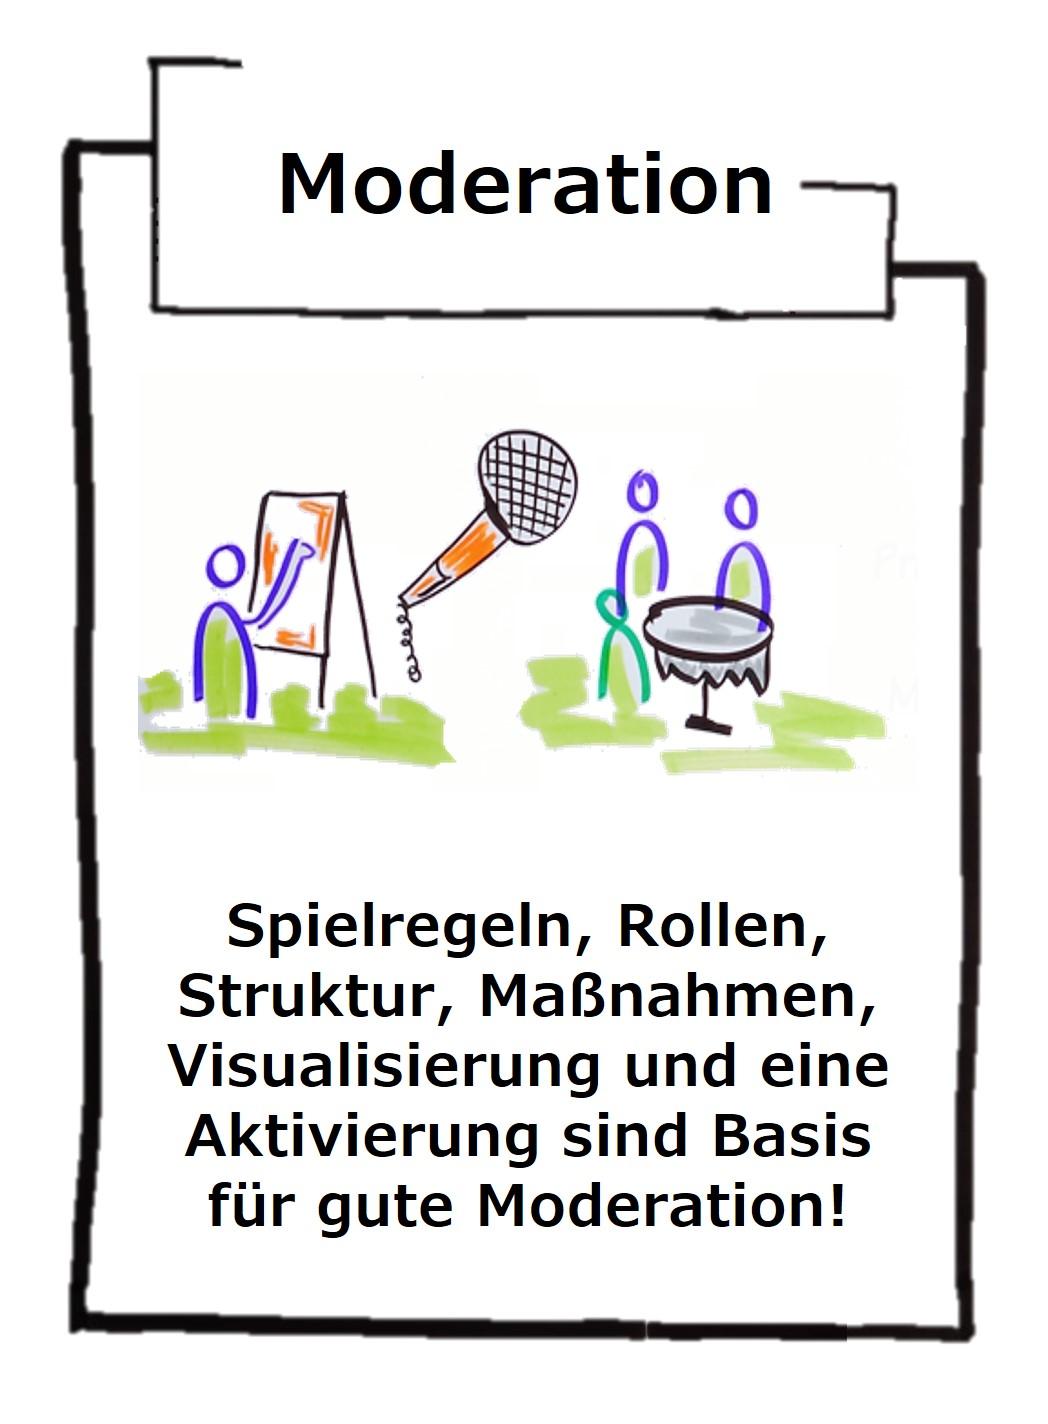 Eine gute Moderation aktiviert alle und bringt gute Ergebnisse hervor. Ein guter Moderator achtet auf die Ressourcen aller Beteiligten und nimmt alle ernst!